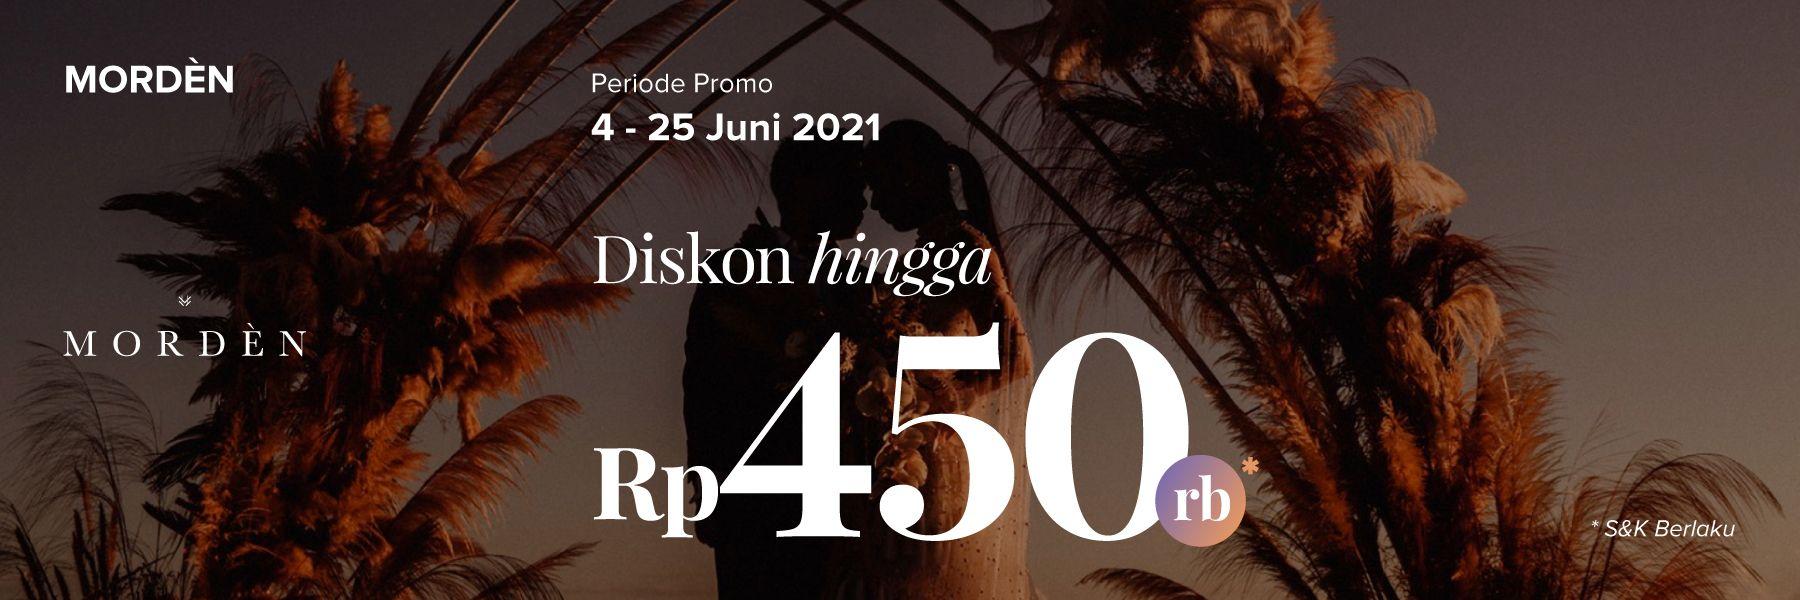 Promo Photography. Diskon Rp 450,000 hanya di Morden!